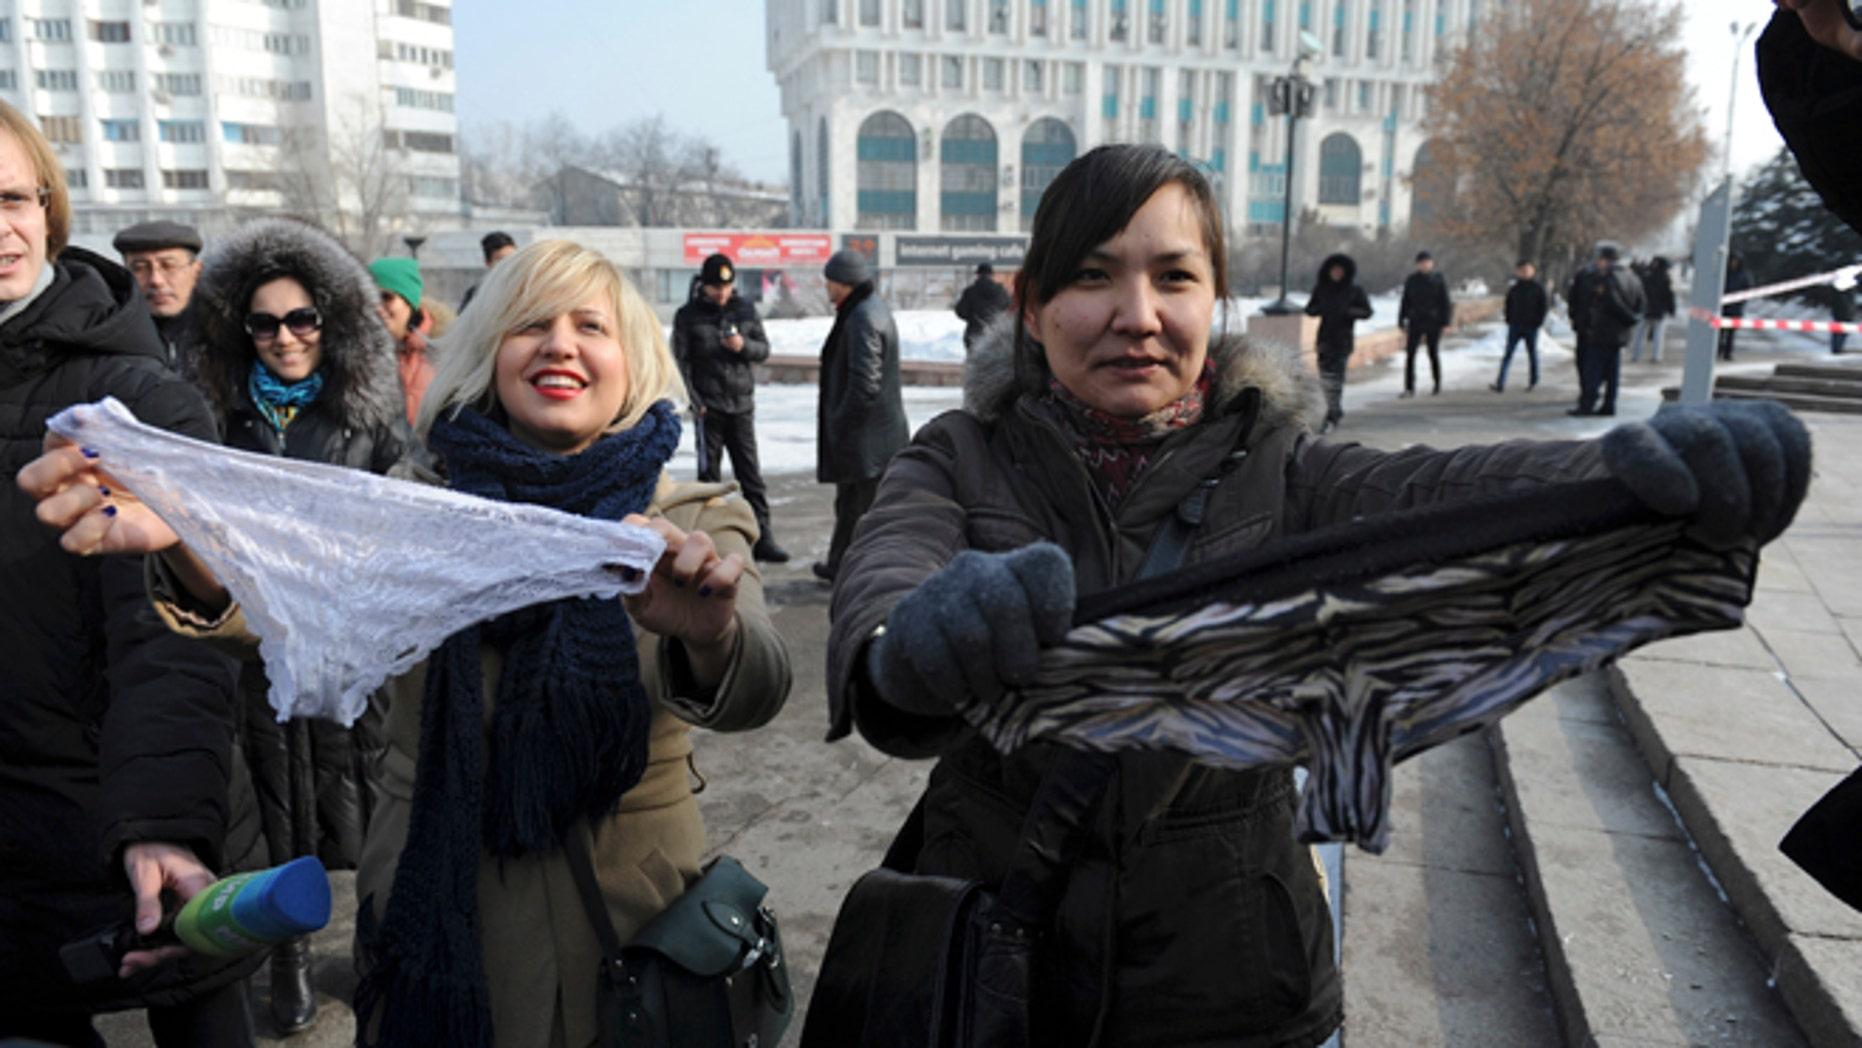 Feb. 16, 2014: Women protest against the ban of lace underwear  in Almaty, Kazakhstan.